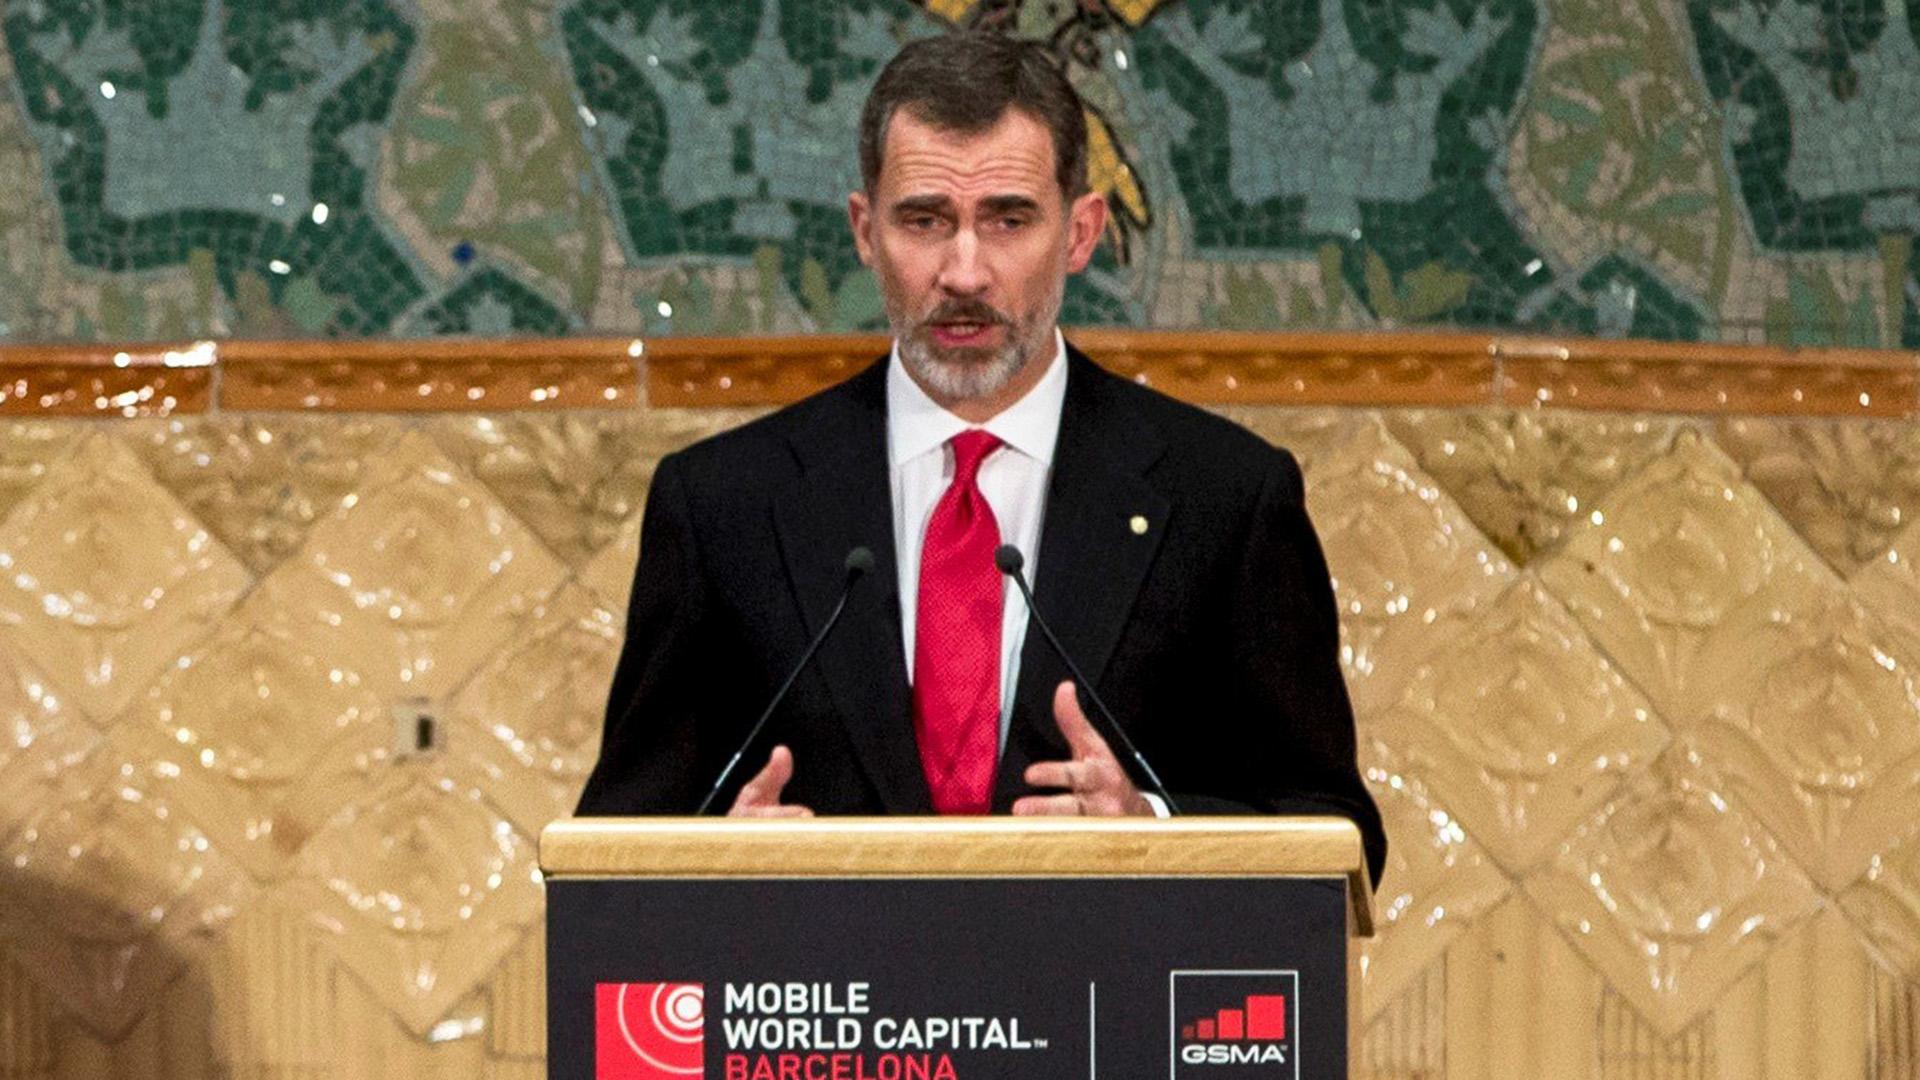 El rey Felipe VI encabezó la inauguración del congreso de telefonía móvil (EFE)